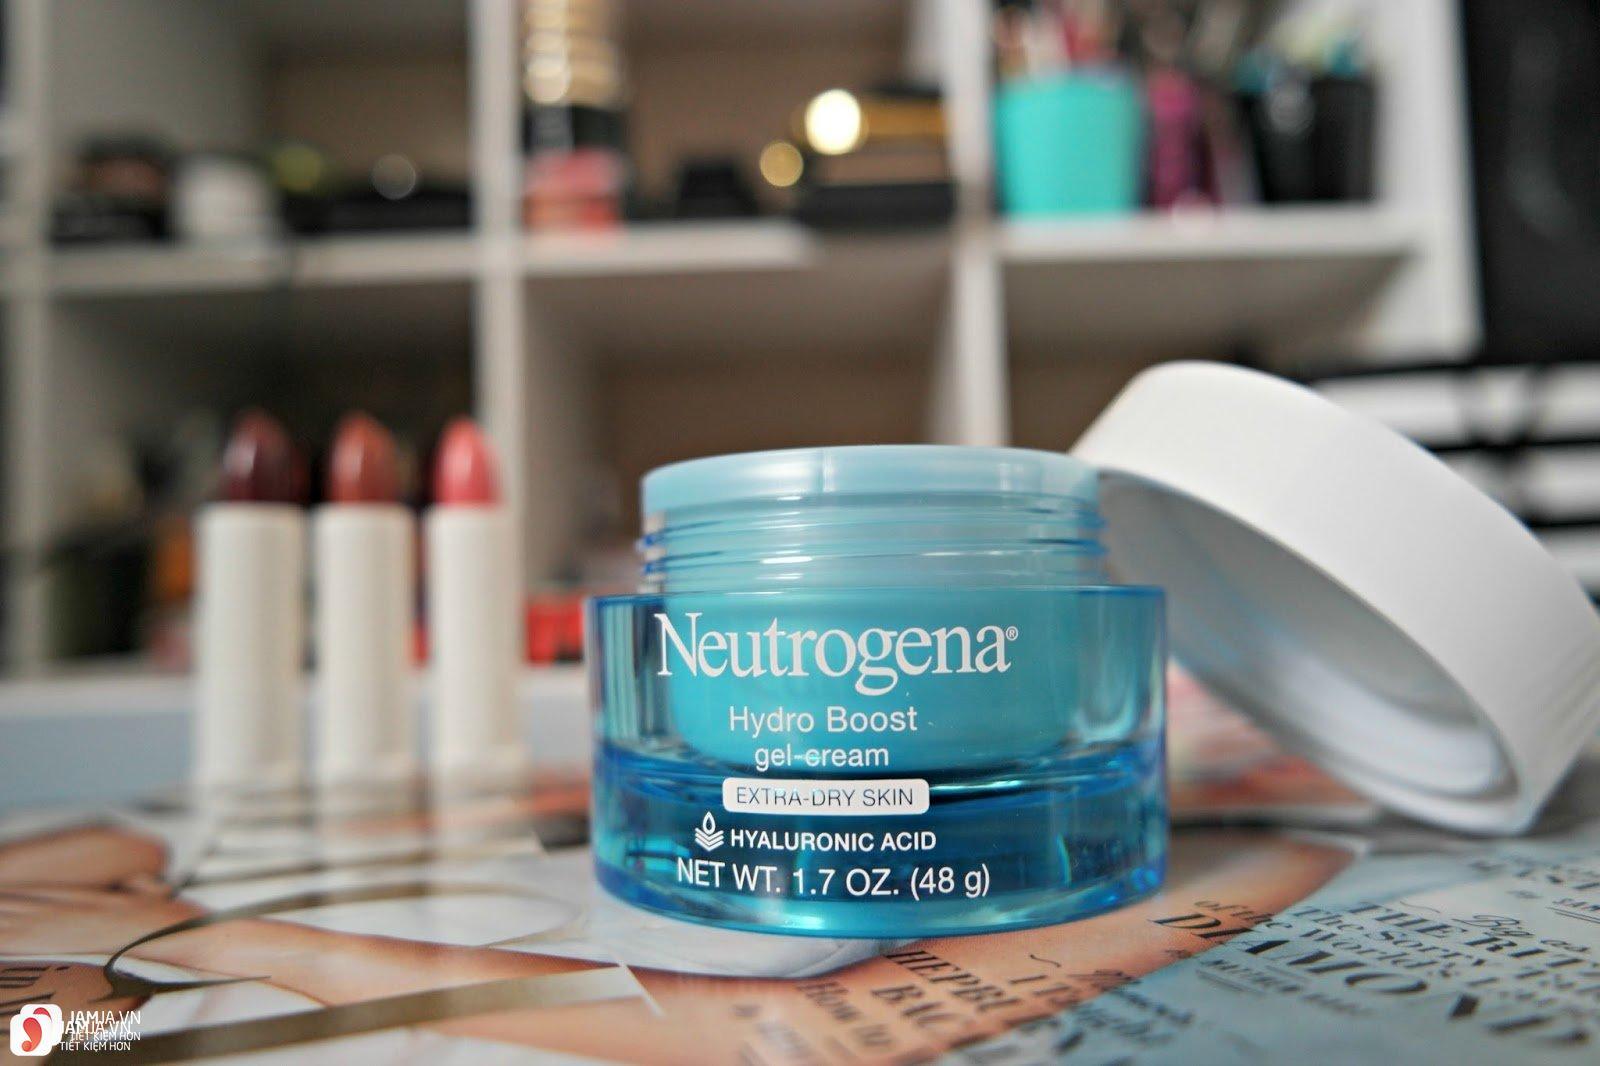 Kem dưỡng da Neutrogena review chi tiết 4